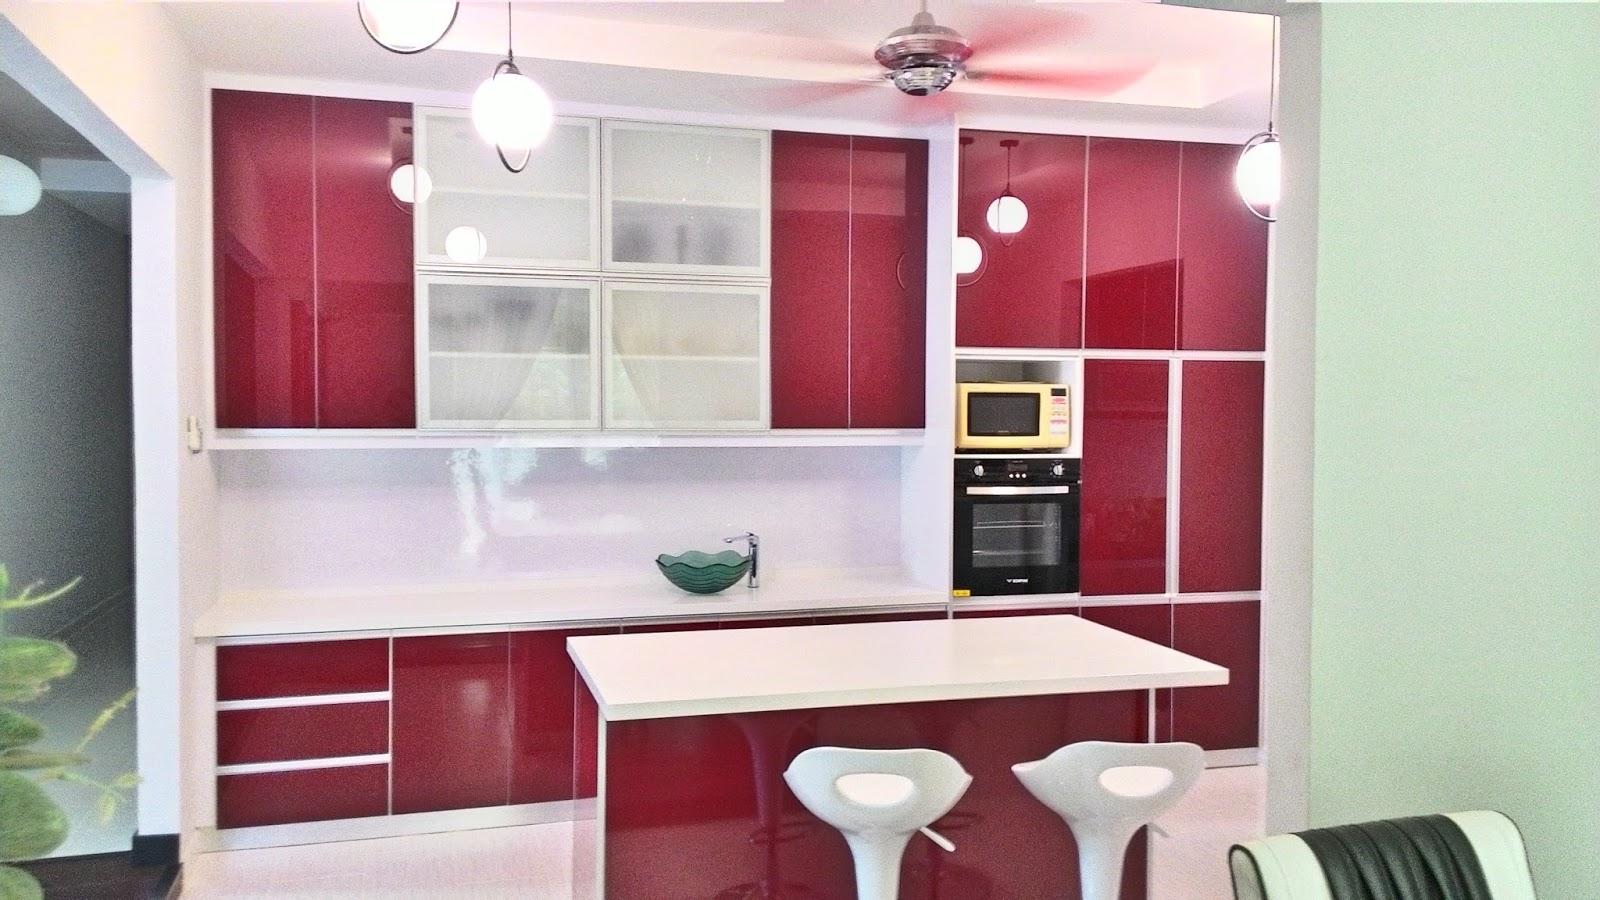 Kabinet Dapur Kelantan Rumah Banglo Murah 3g 4g Moden Kayu Aluminium